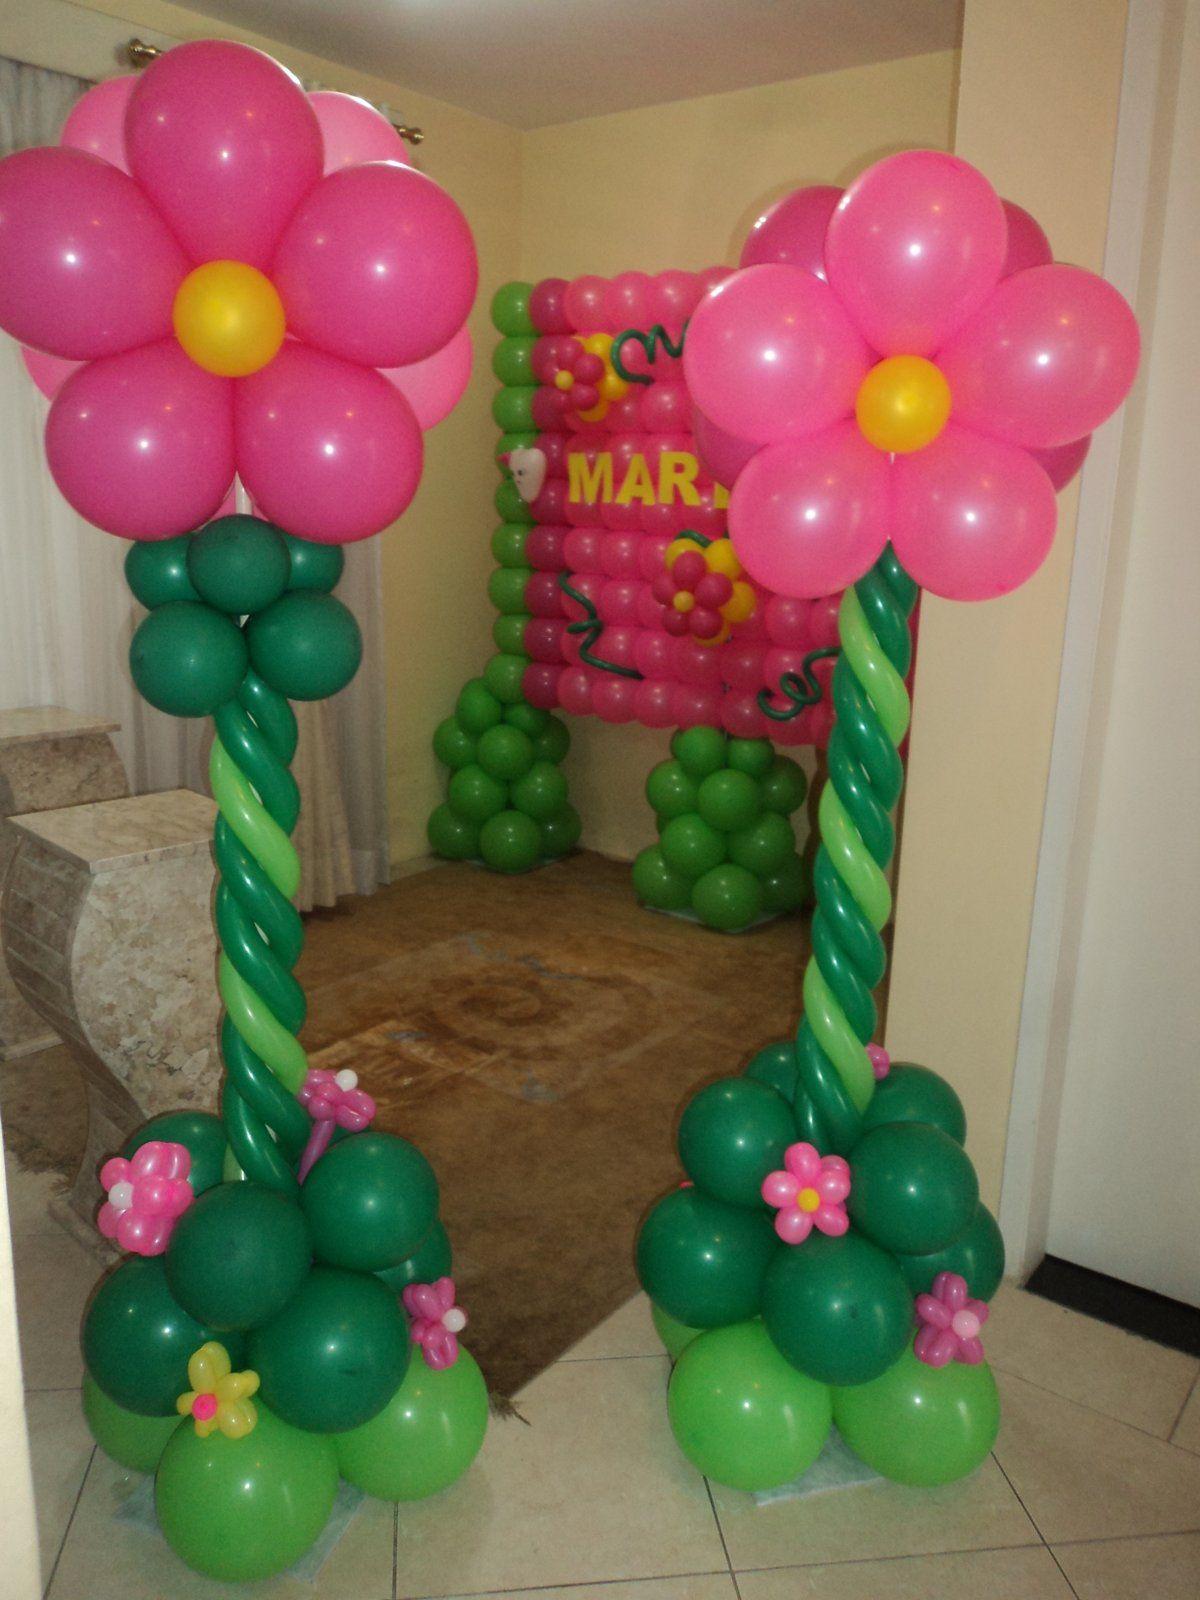 decoração dia das mães com balões - Buscar con Google